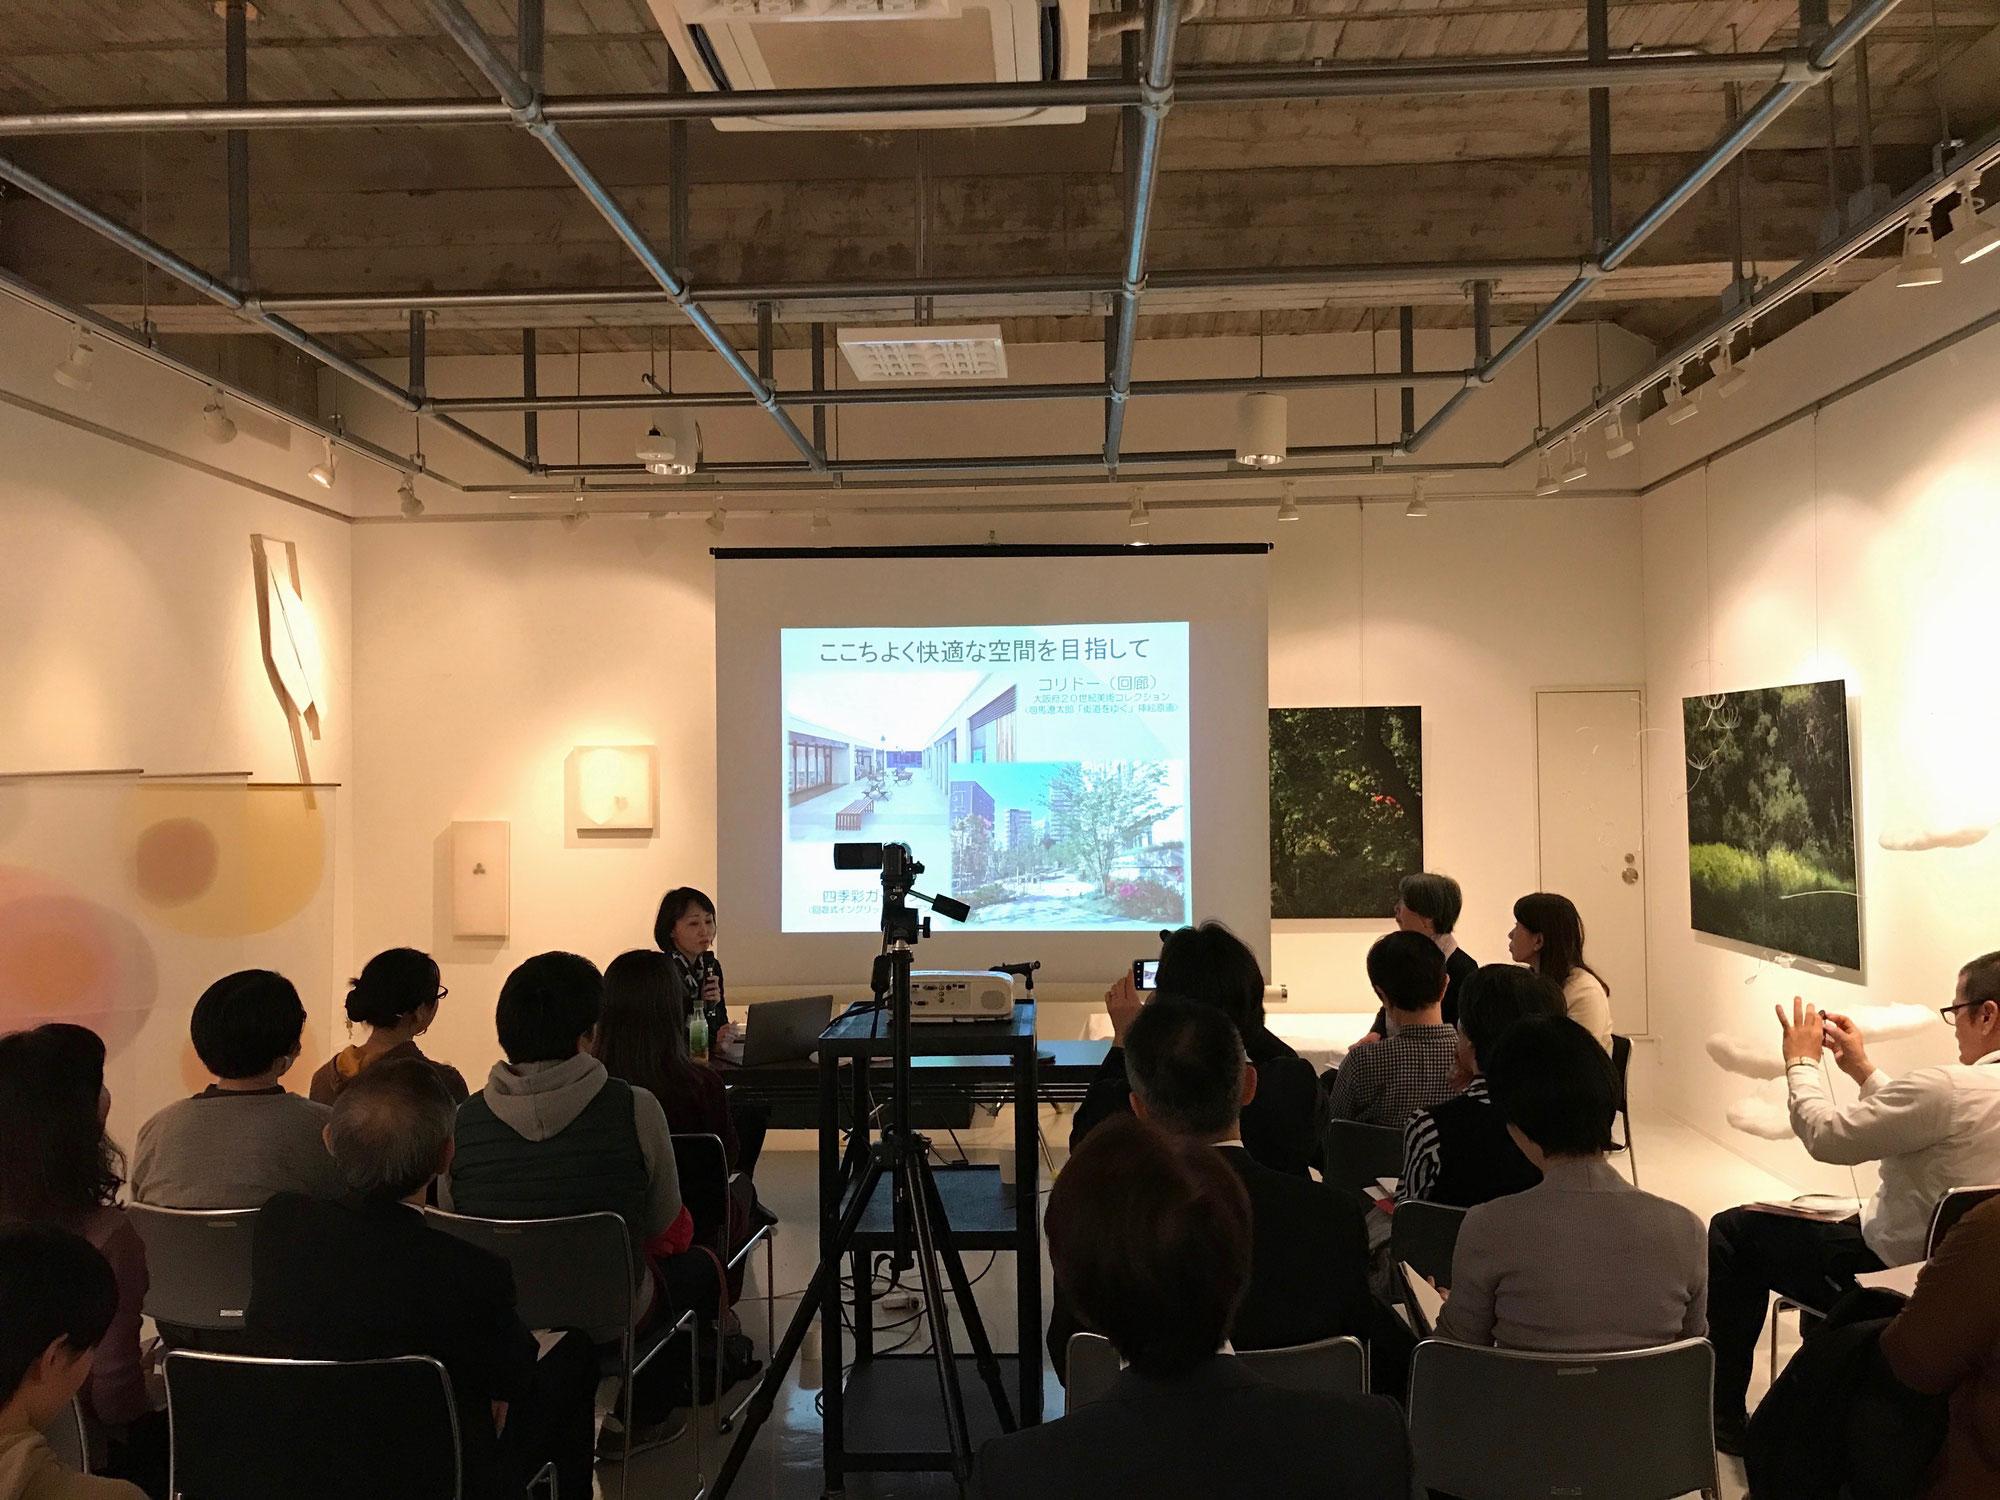 2021年度 大阪市芸術活動振興事業助成(特別助成)に採択いただきました。